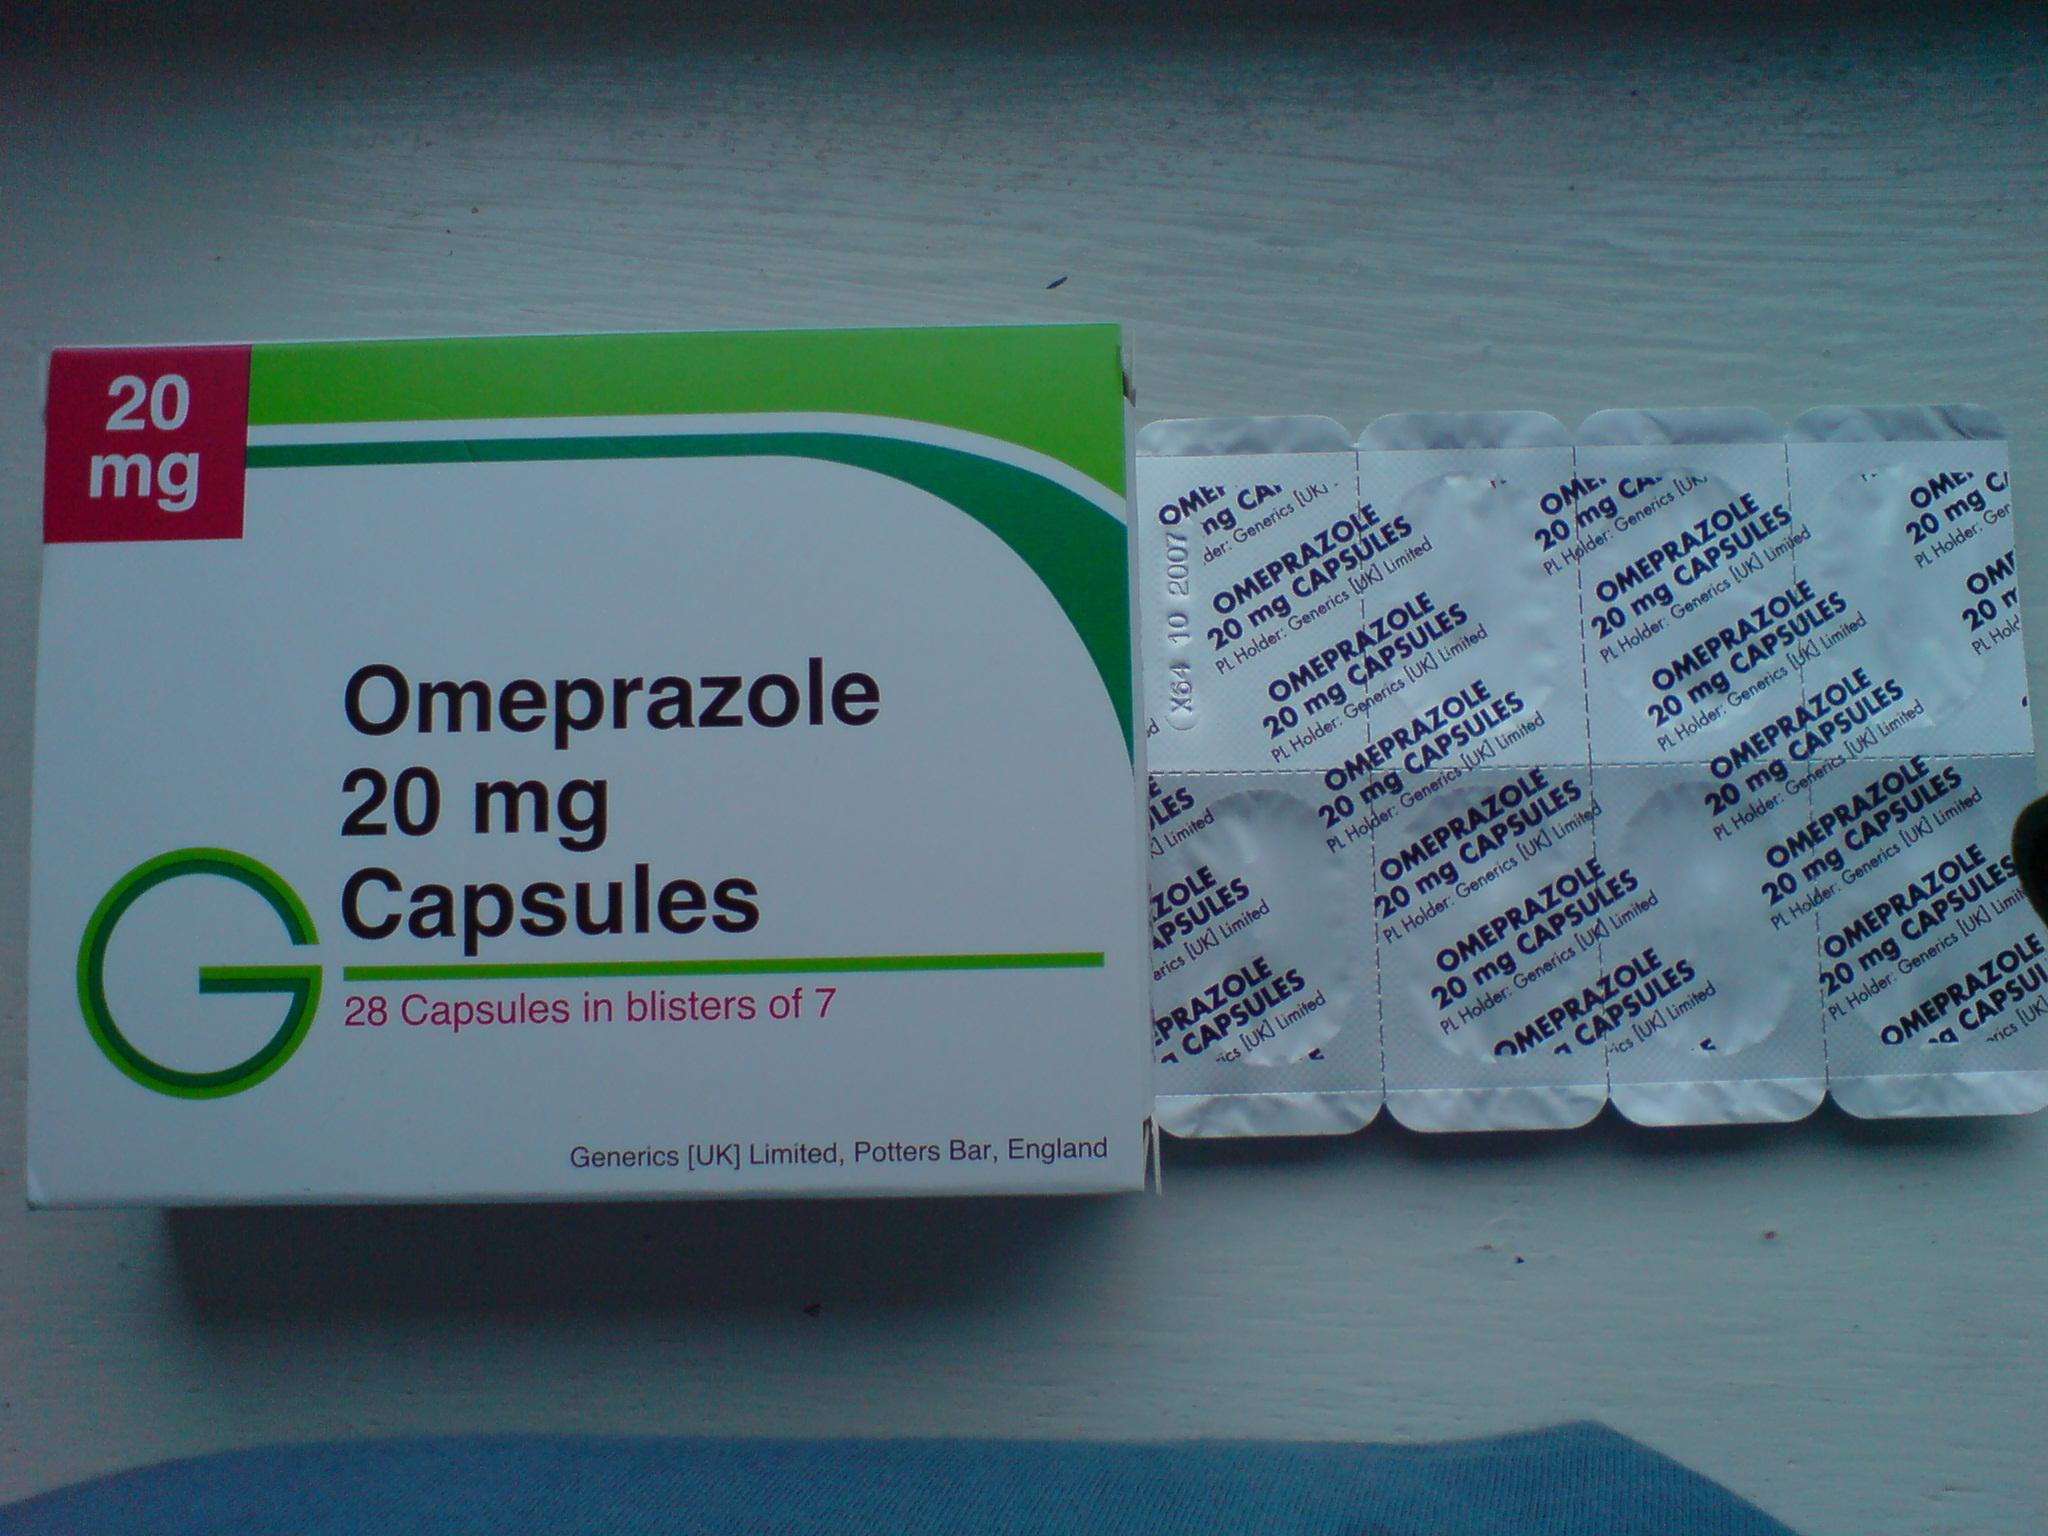 Omeprazole20mg